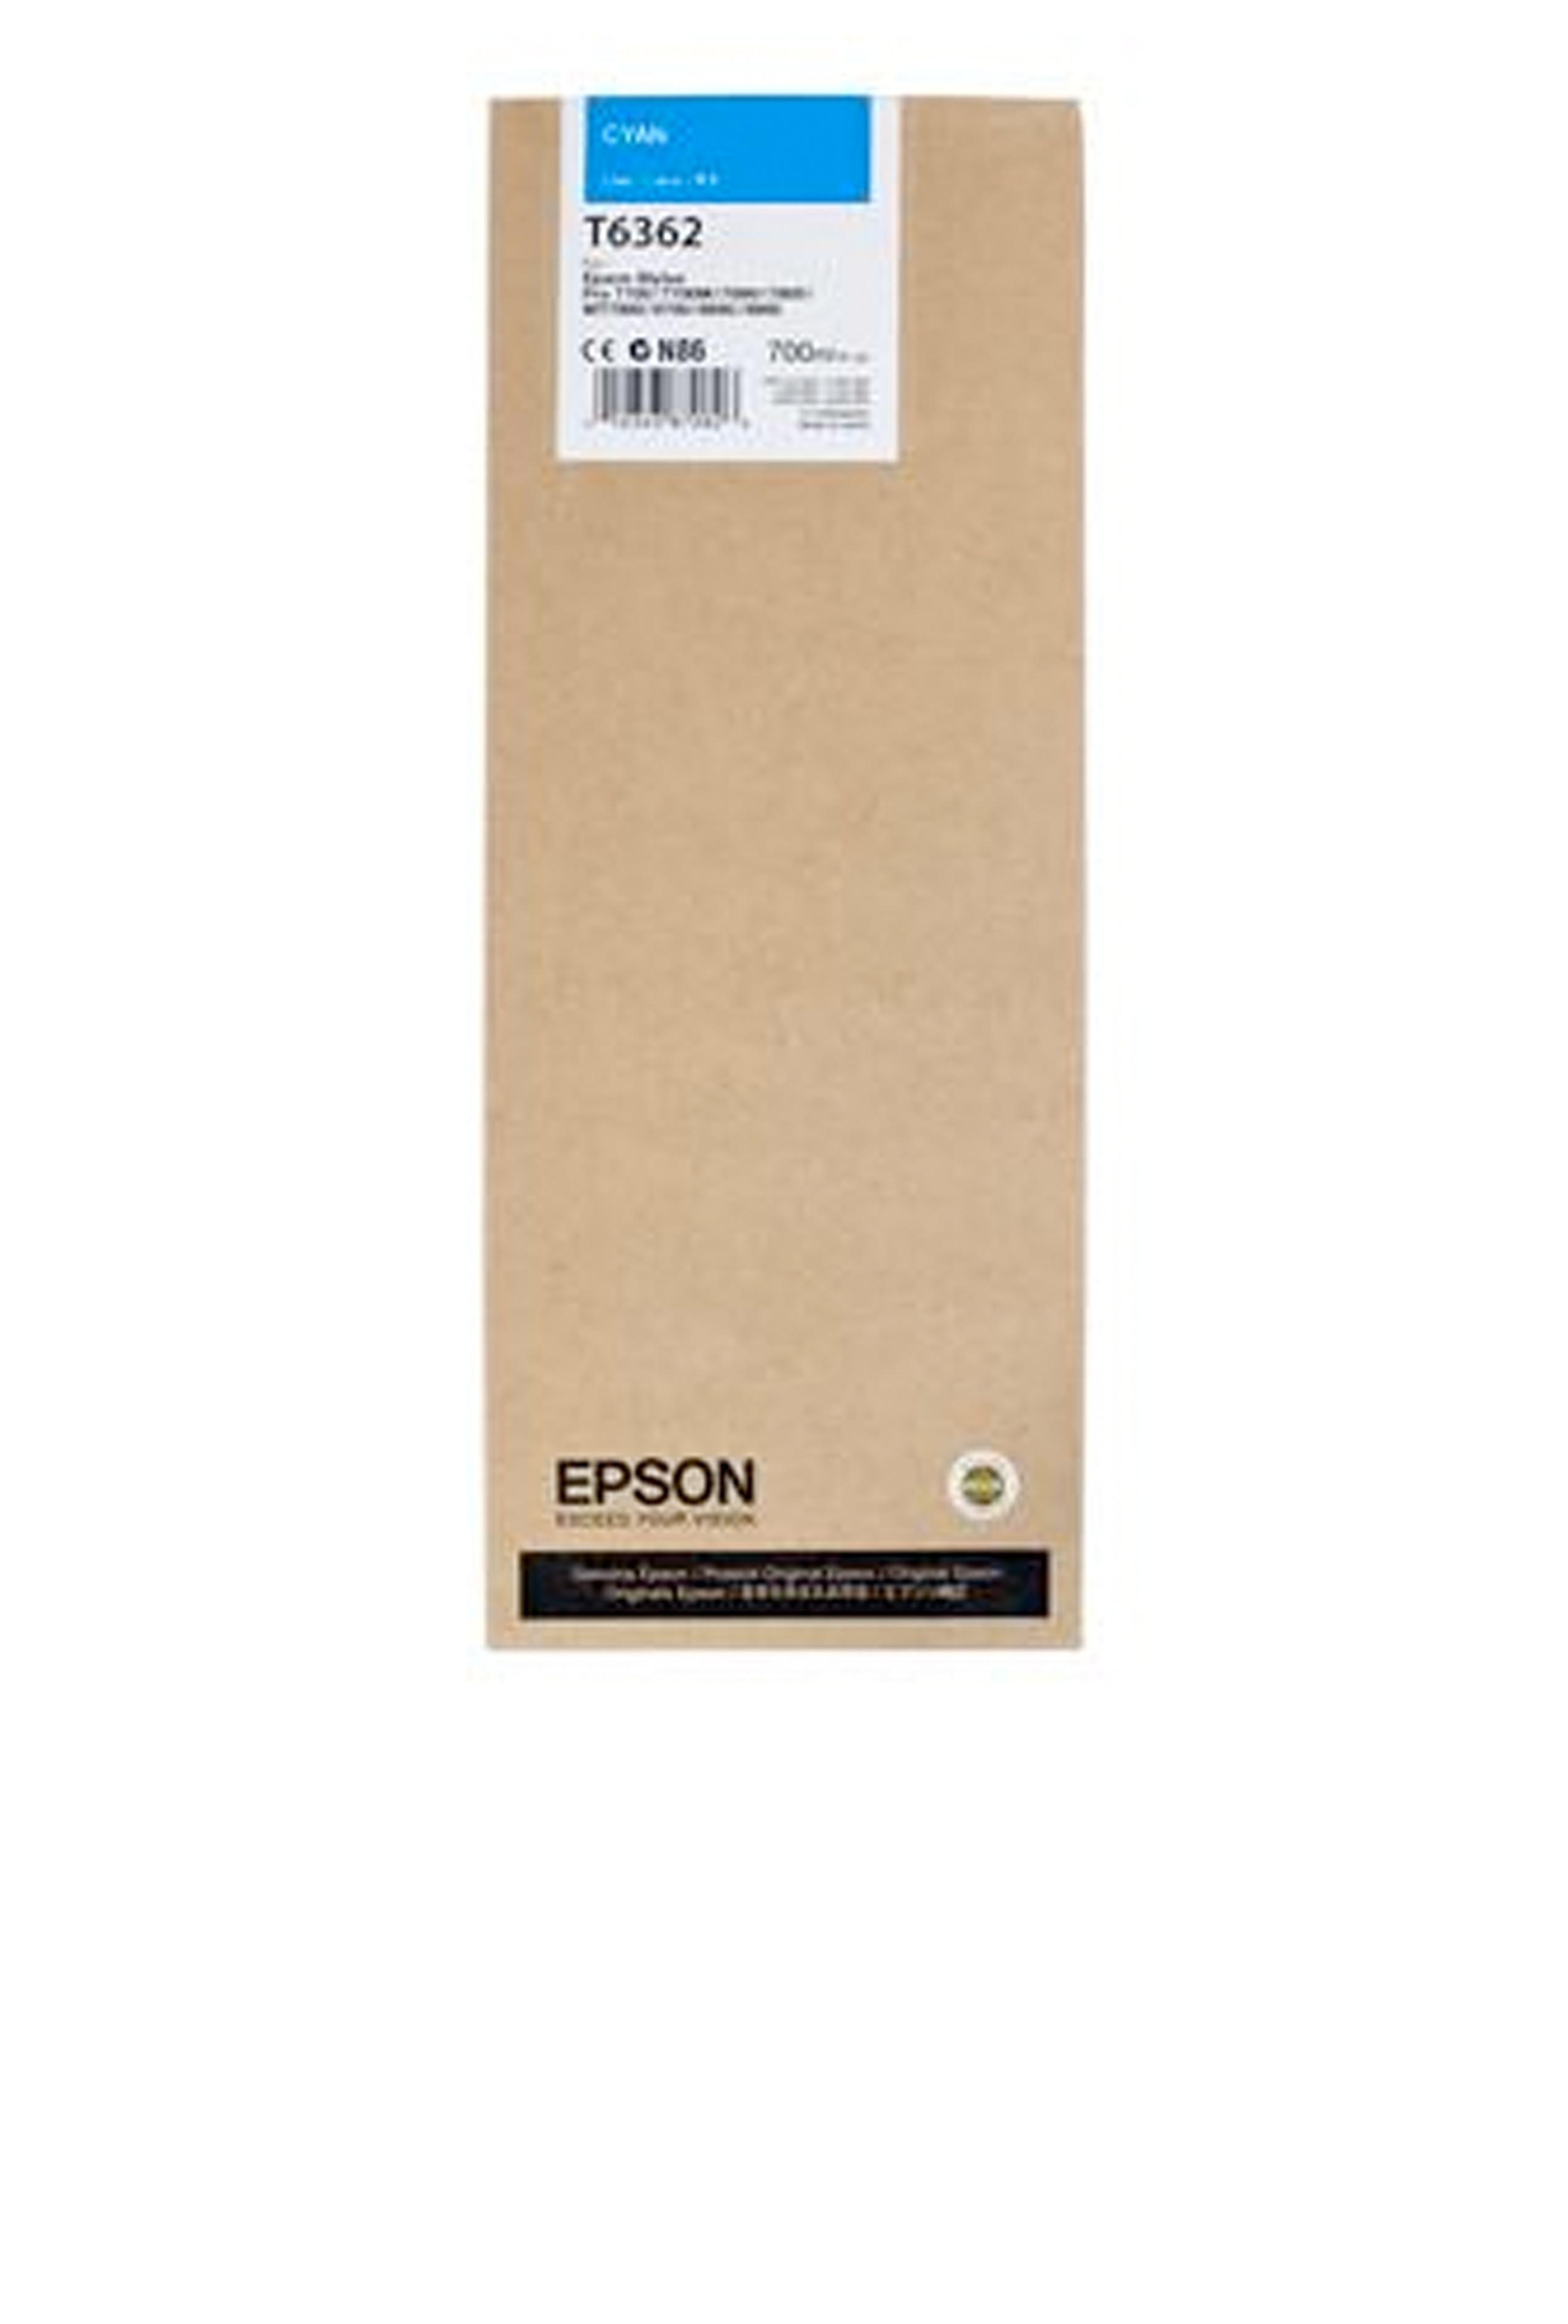 Epson EPSON HI CYAN INK (700 ML) (T636200)